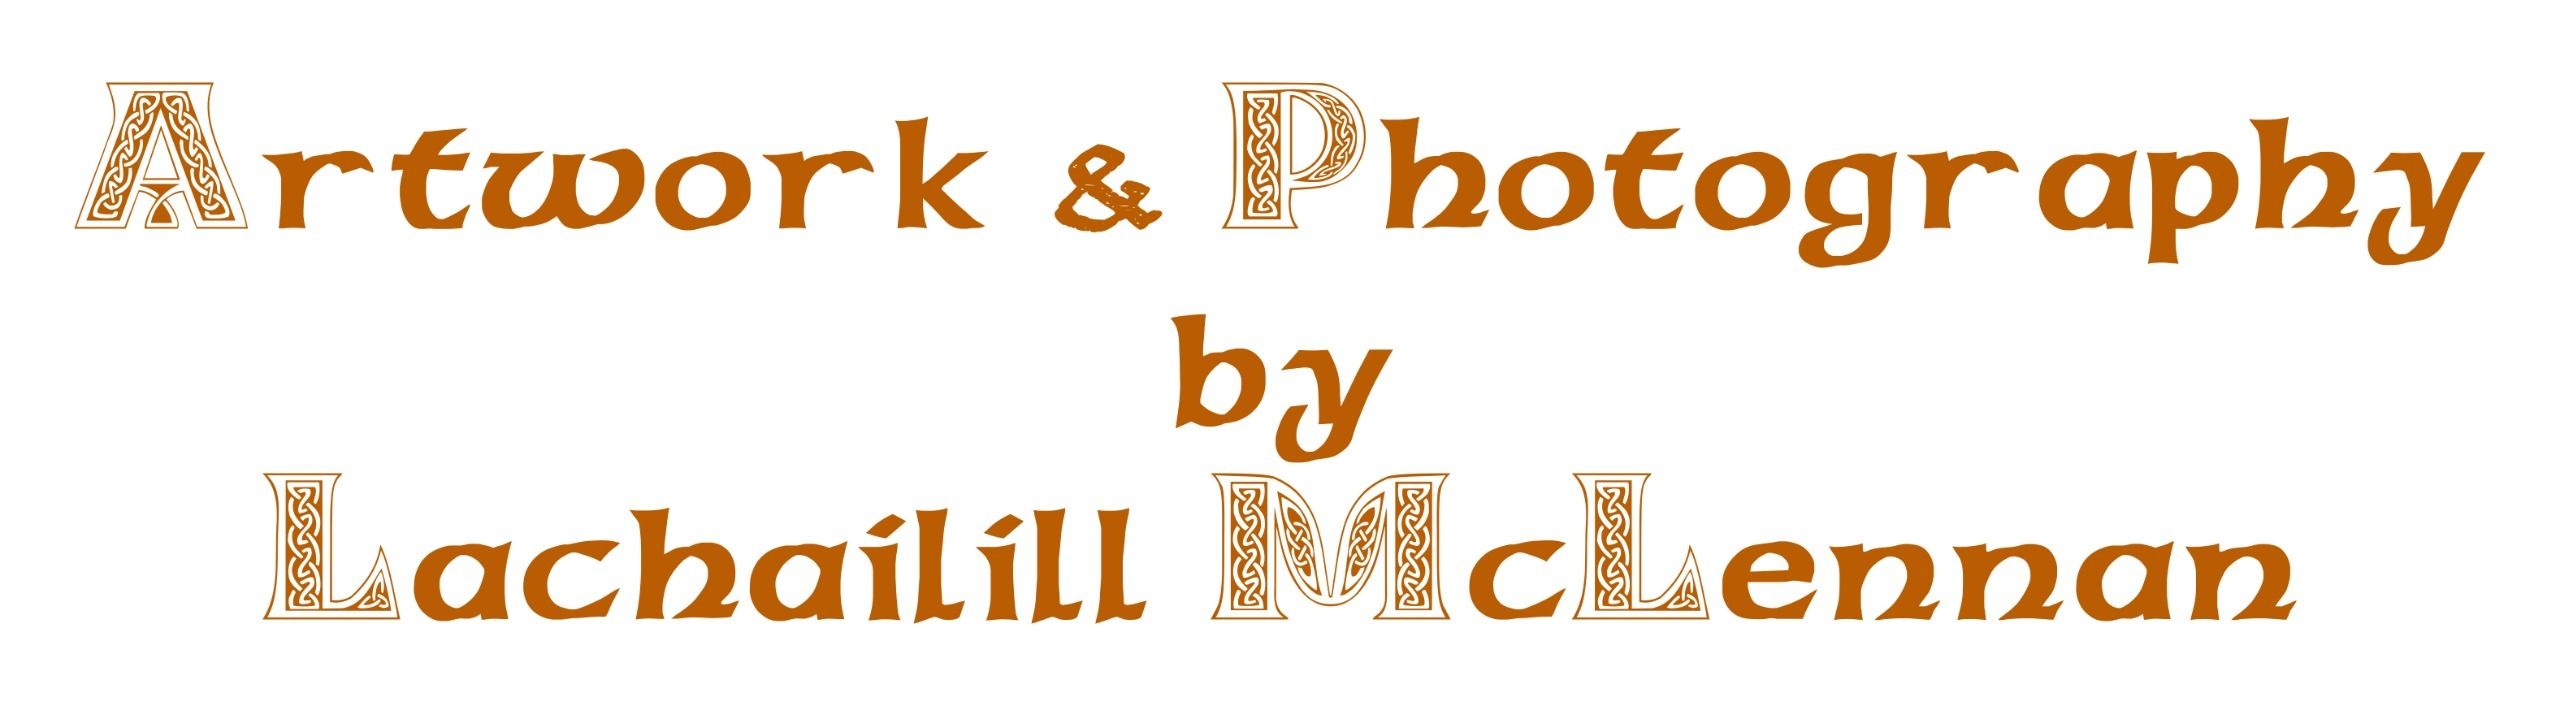 Lachailill McLennan  (@lachailill) Cover Image